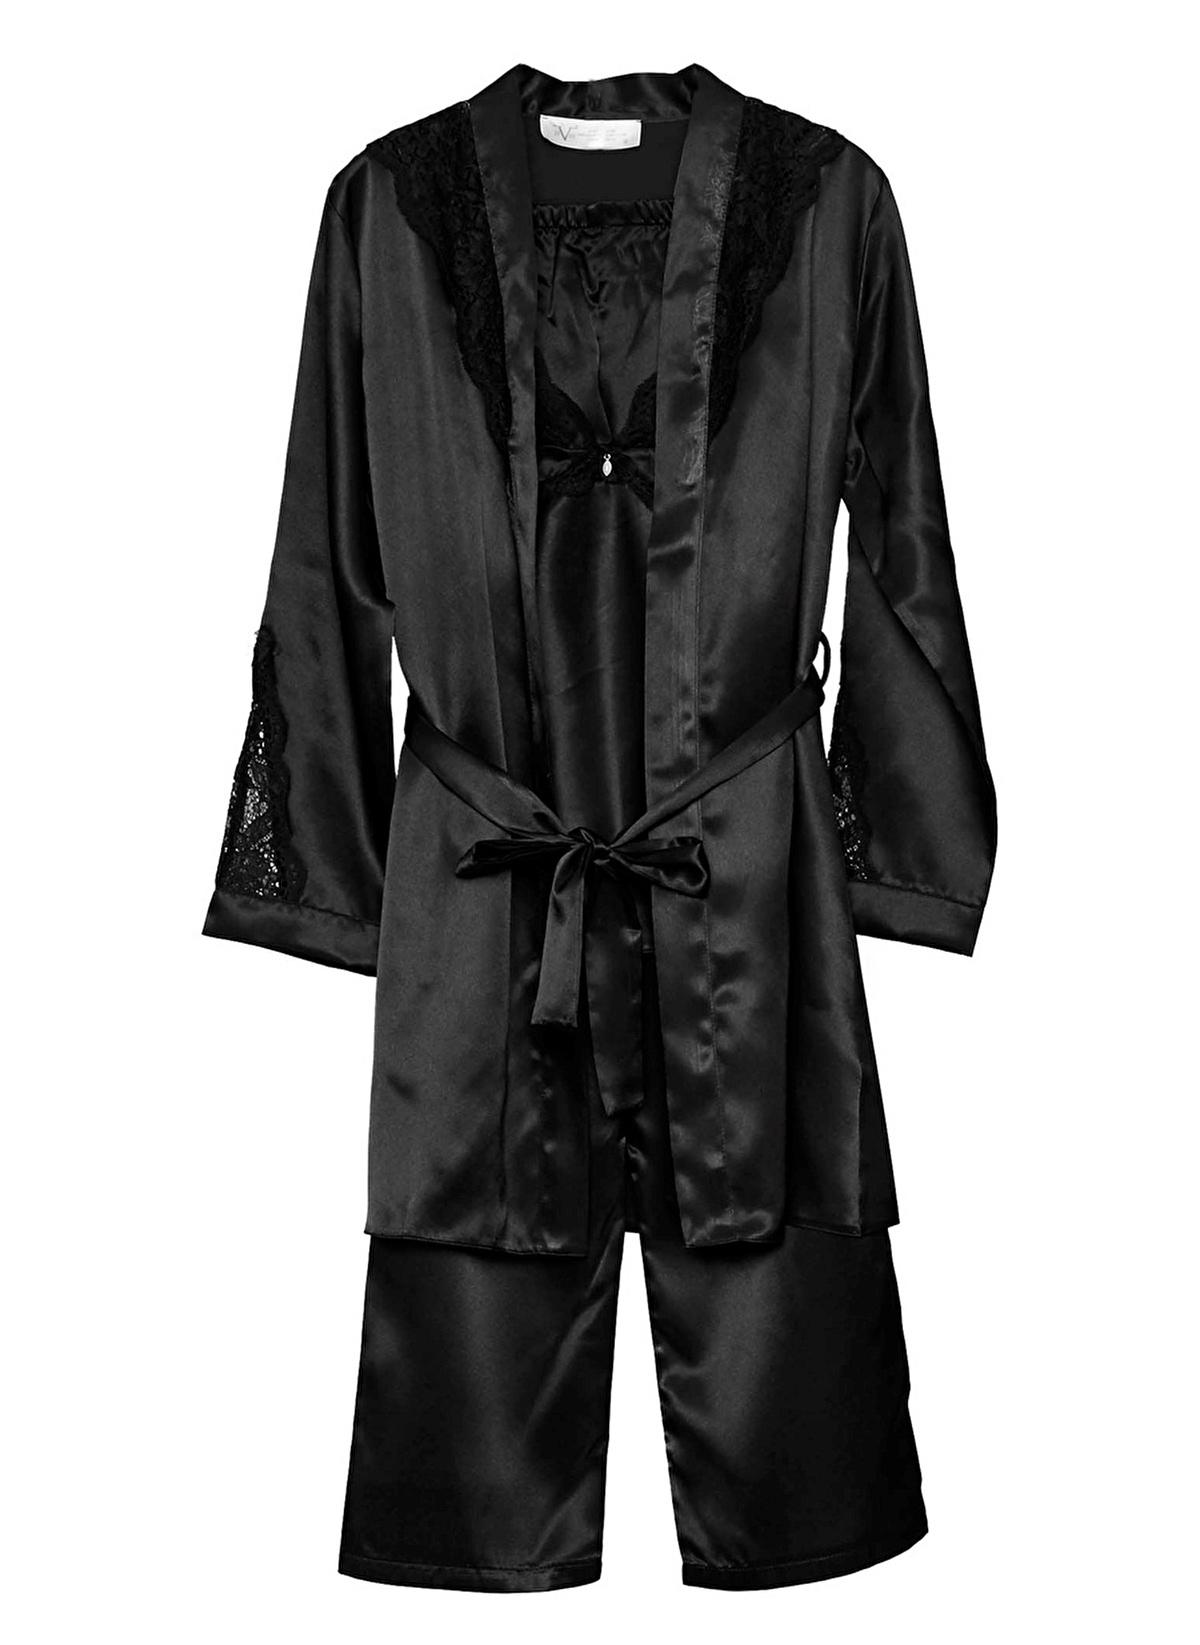 a185d45ef8 19V69 Italia Kadın Dantelli Sabahlık Pijama Saten Takım Siyah ...